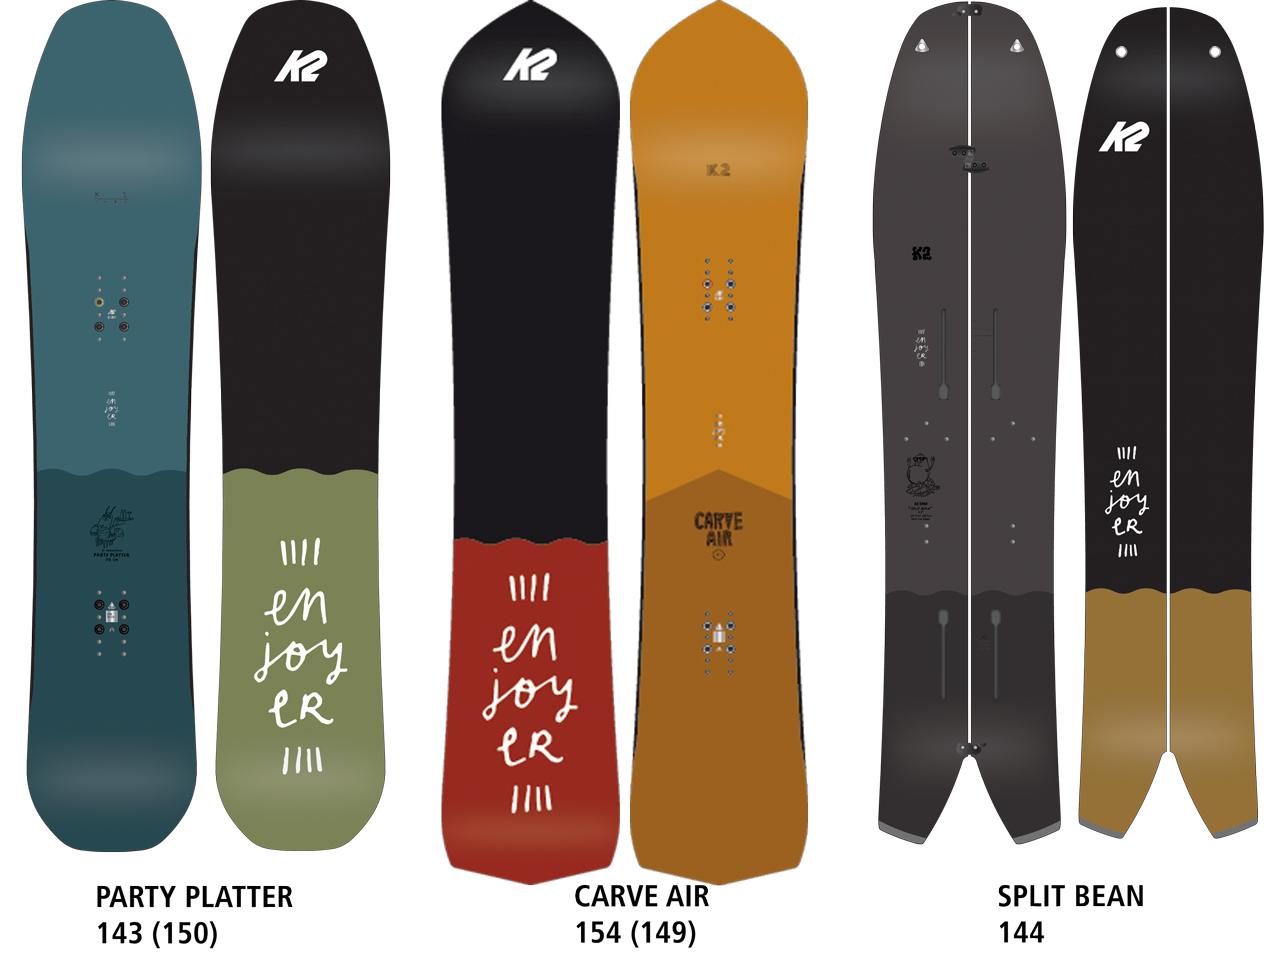 Party Platter, Carve Air und Split Bean aus der Enjoyers-Kollektion von K2 Snowboarding